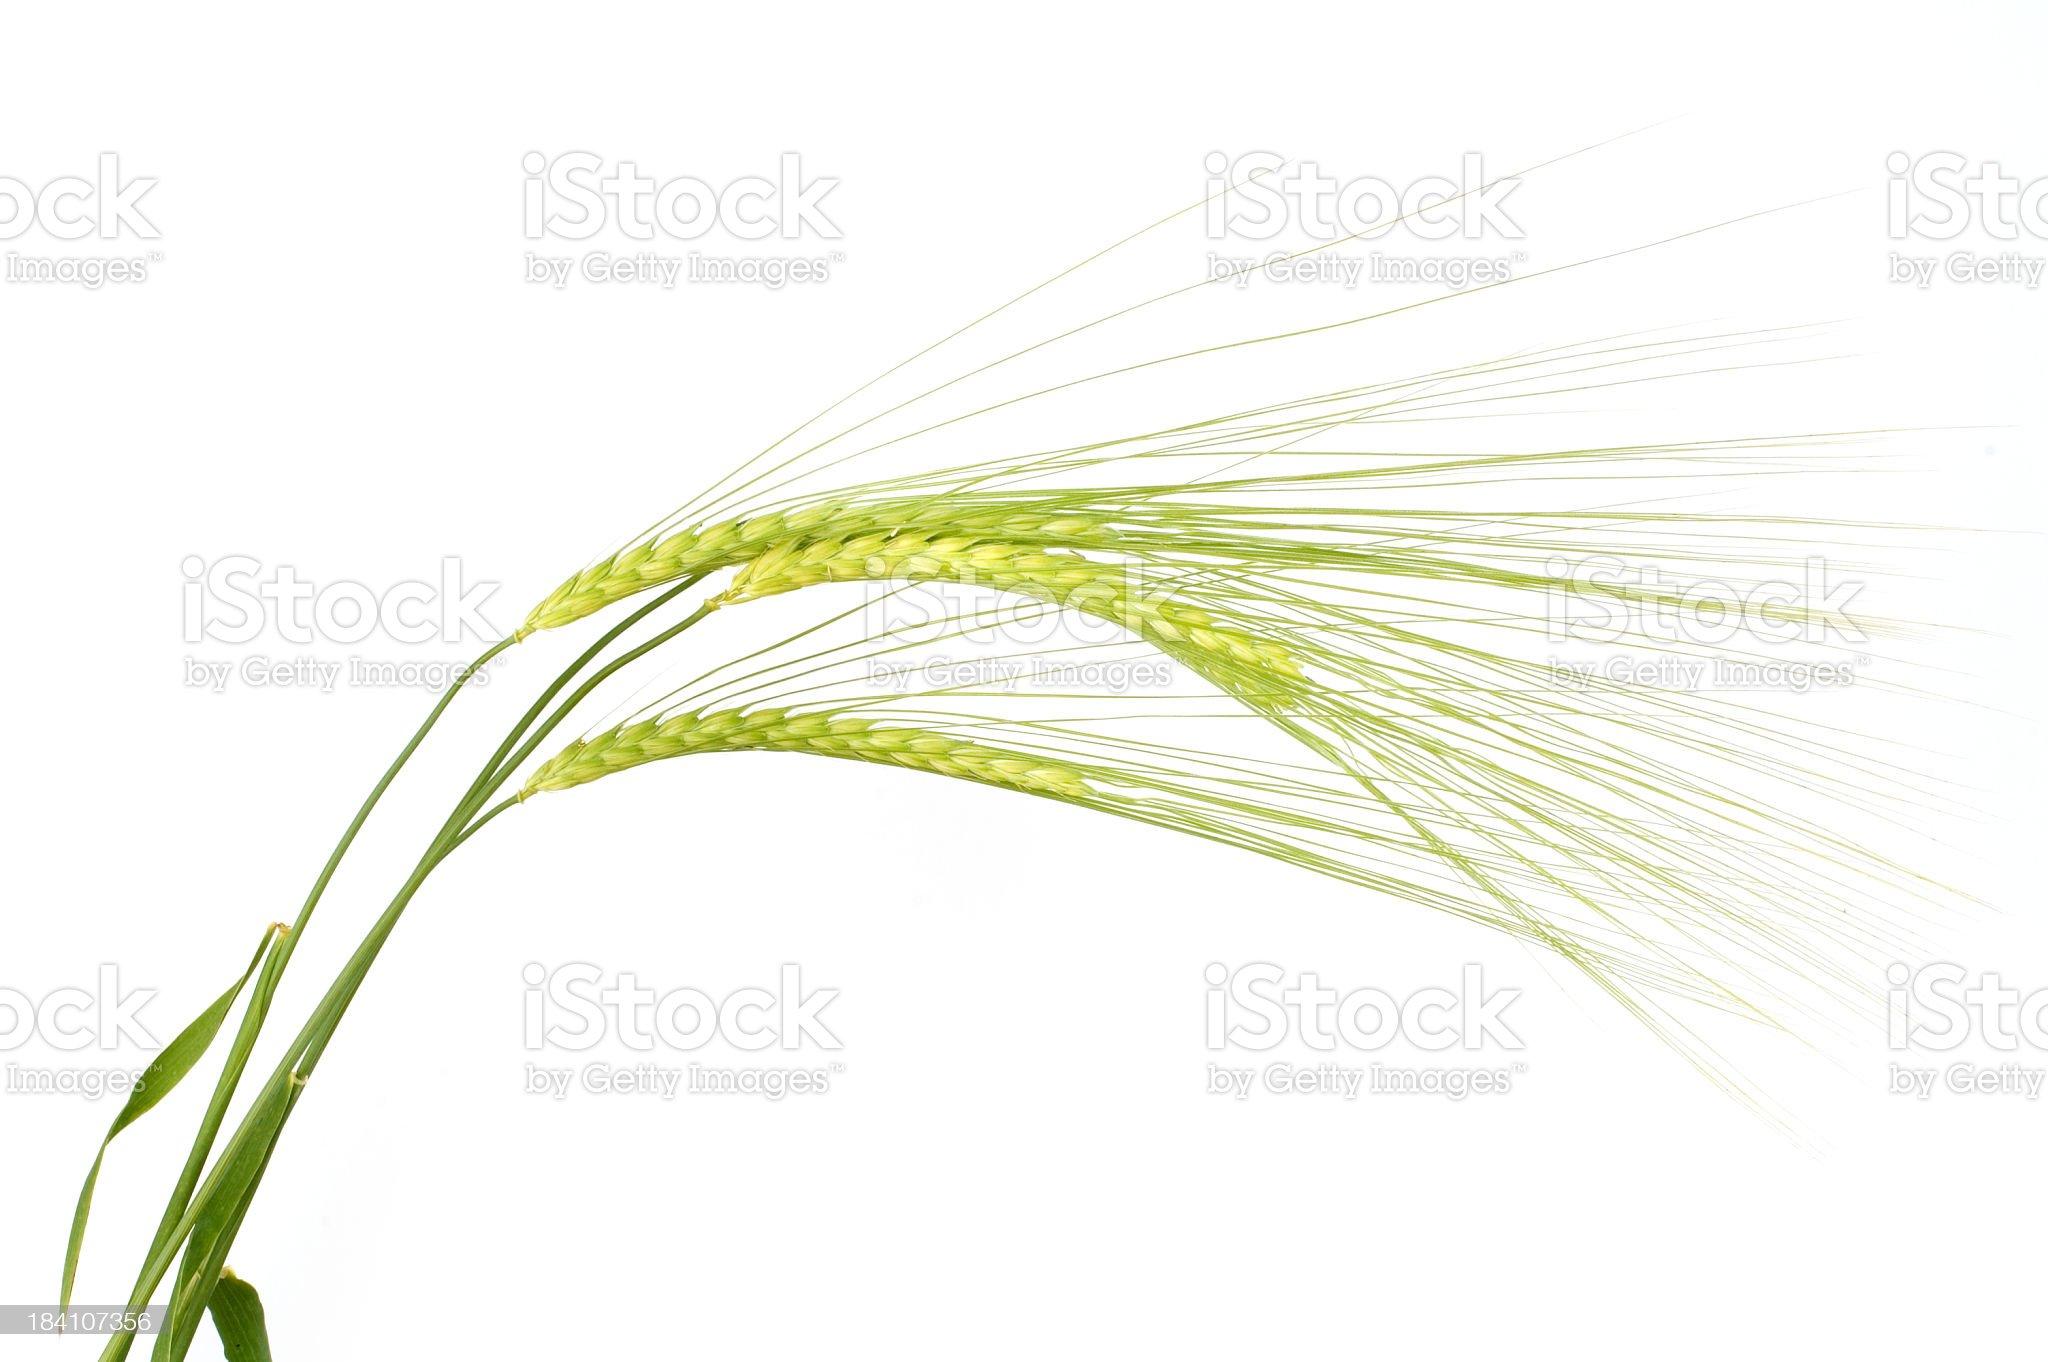 Isolated barley on white background royalty-free stock photo